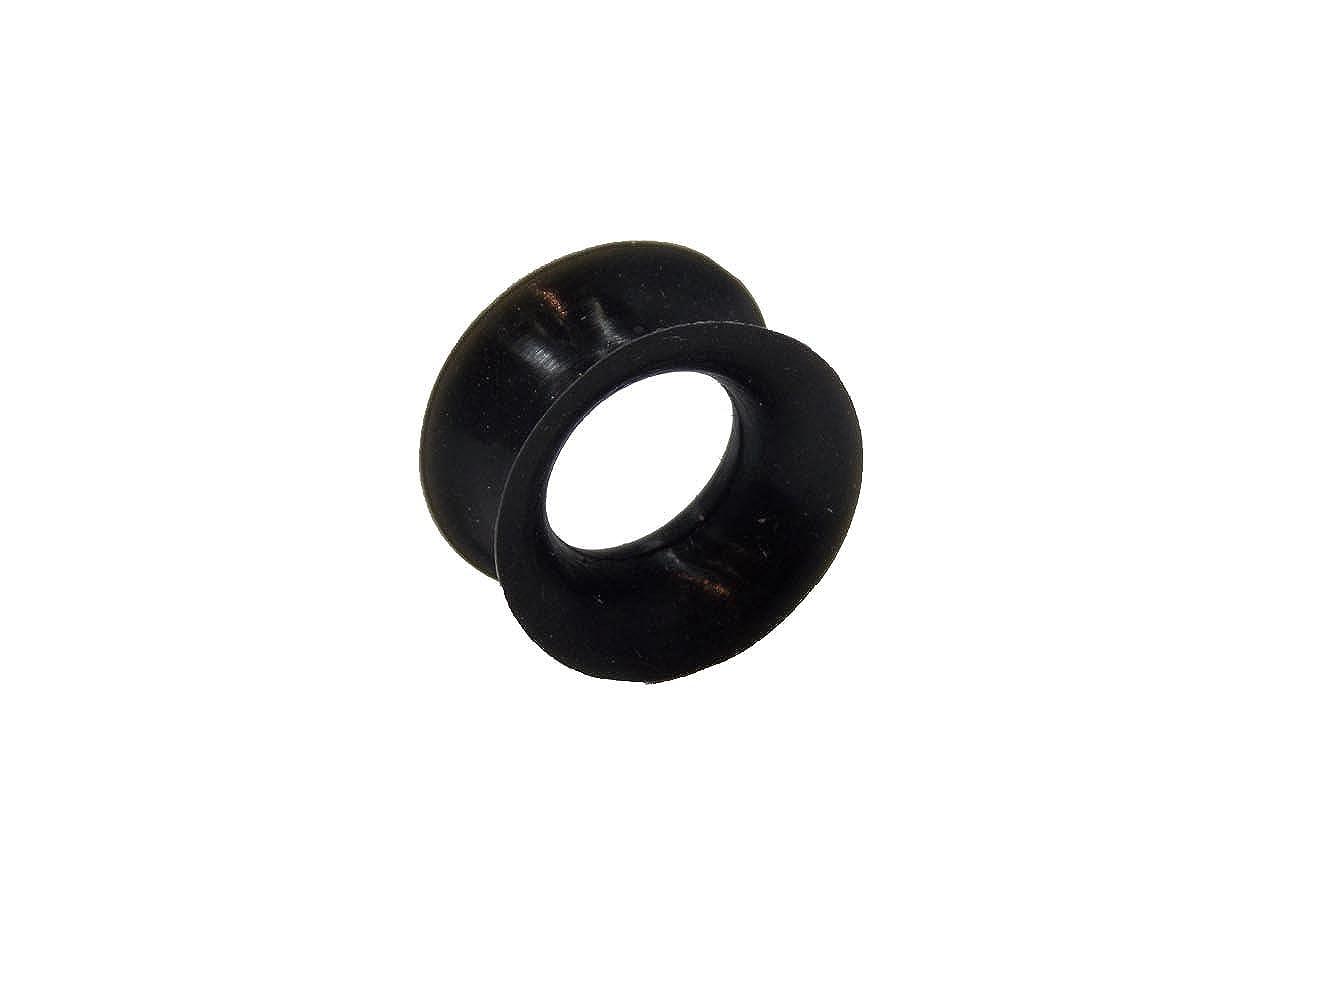 Piercing-Plug de túnel para el lóbulo de la oreja en silicona negro de 10mm: Amazon.es: Joyería